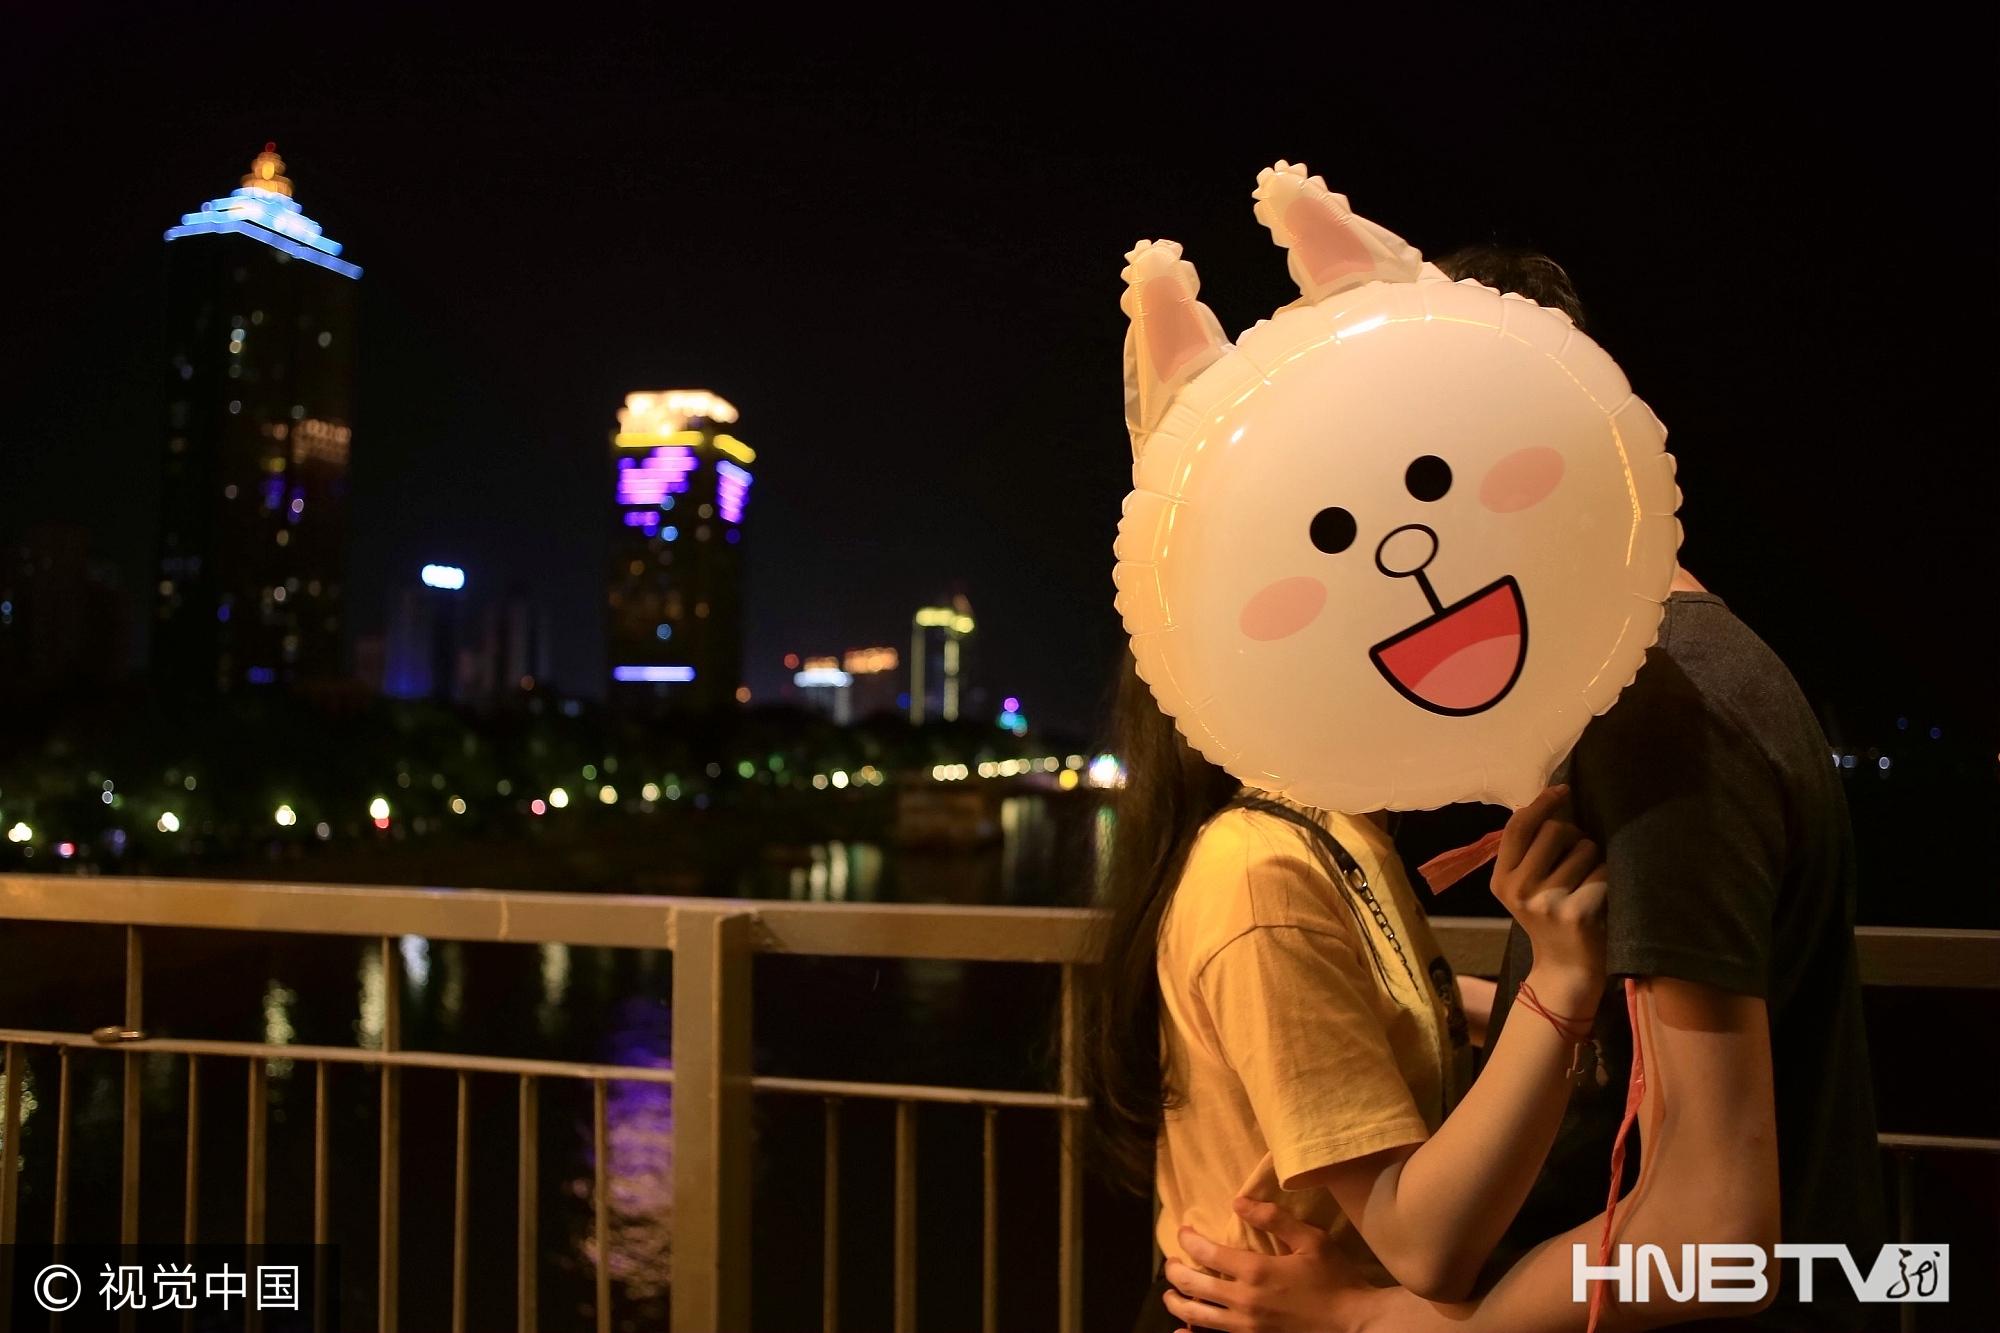 哈尔滨百年滨洲铁路桥成观江绝佳地 吸引众多情侣